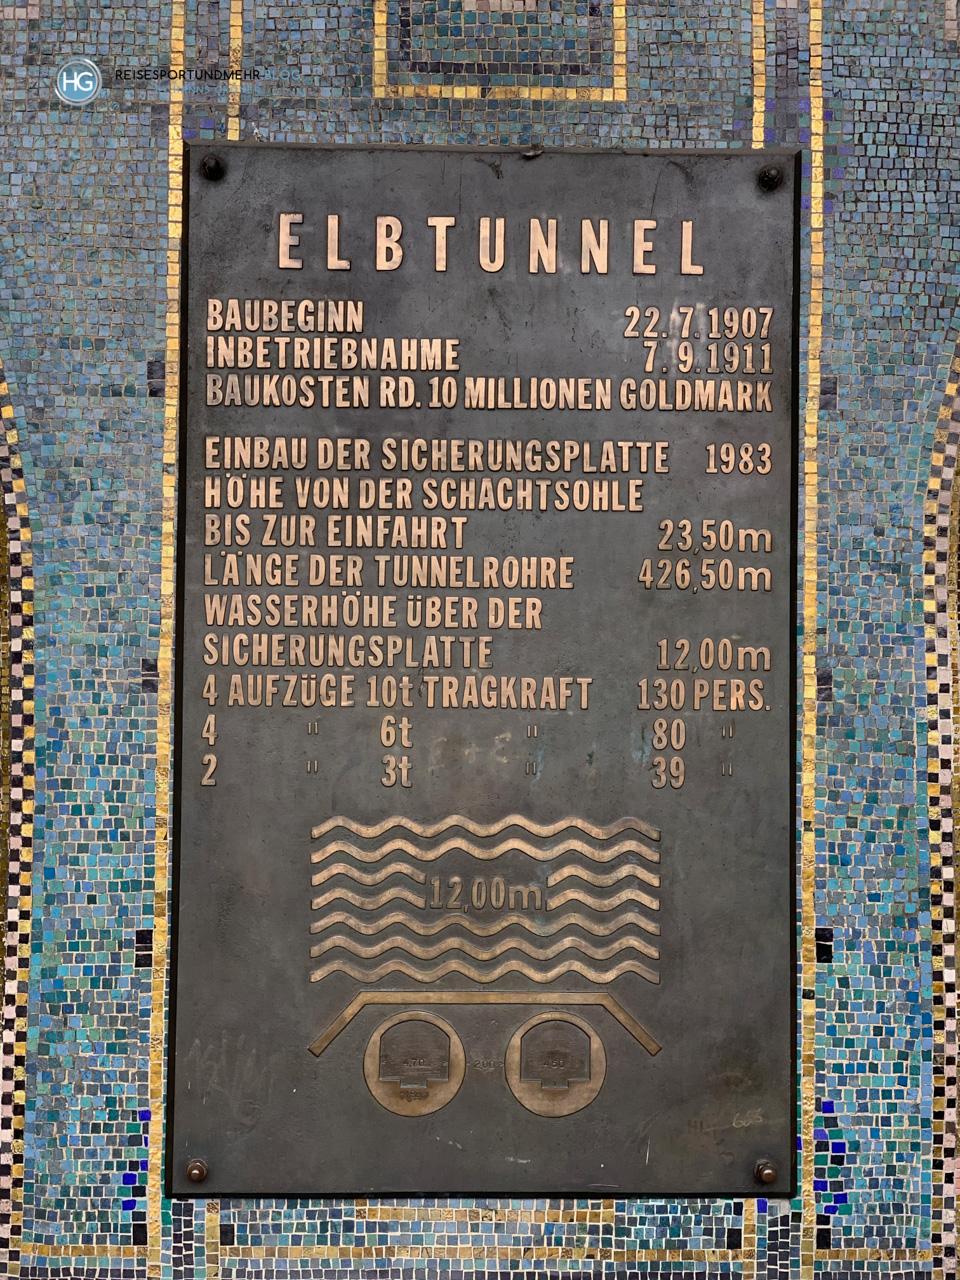 Hamburg - Alter Elbtunnel (Foto: Hanns Gröner)